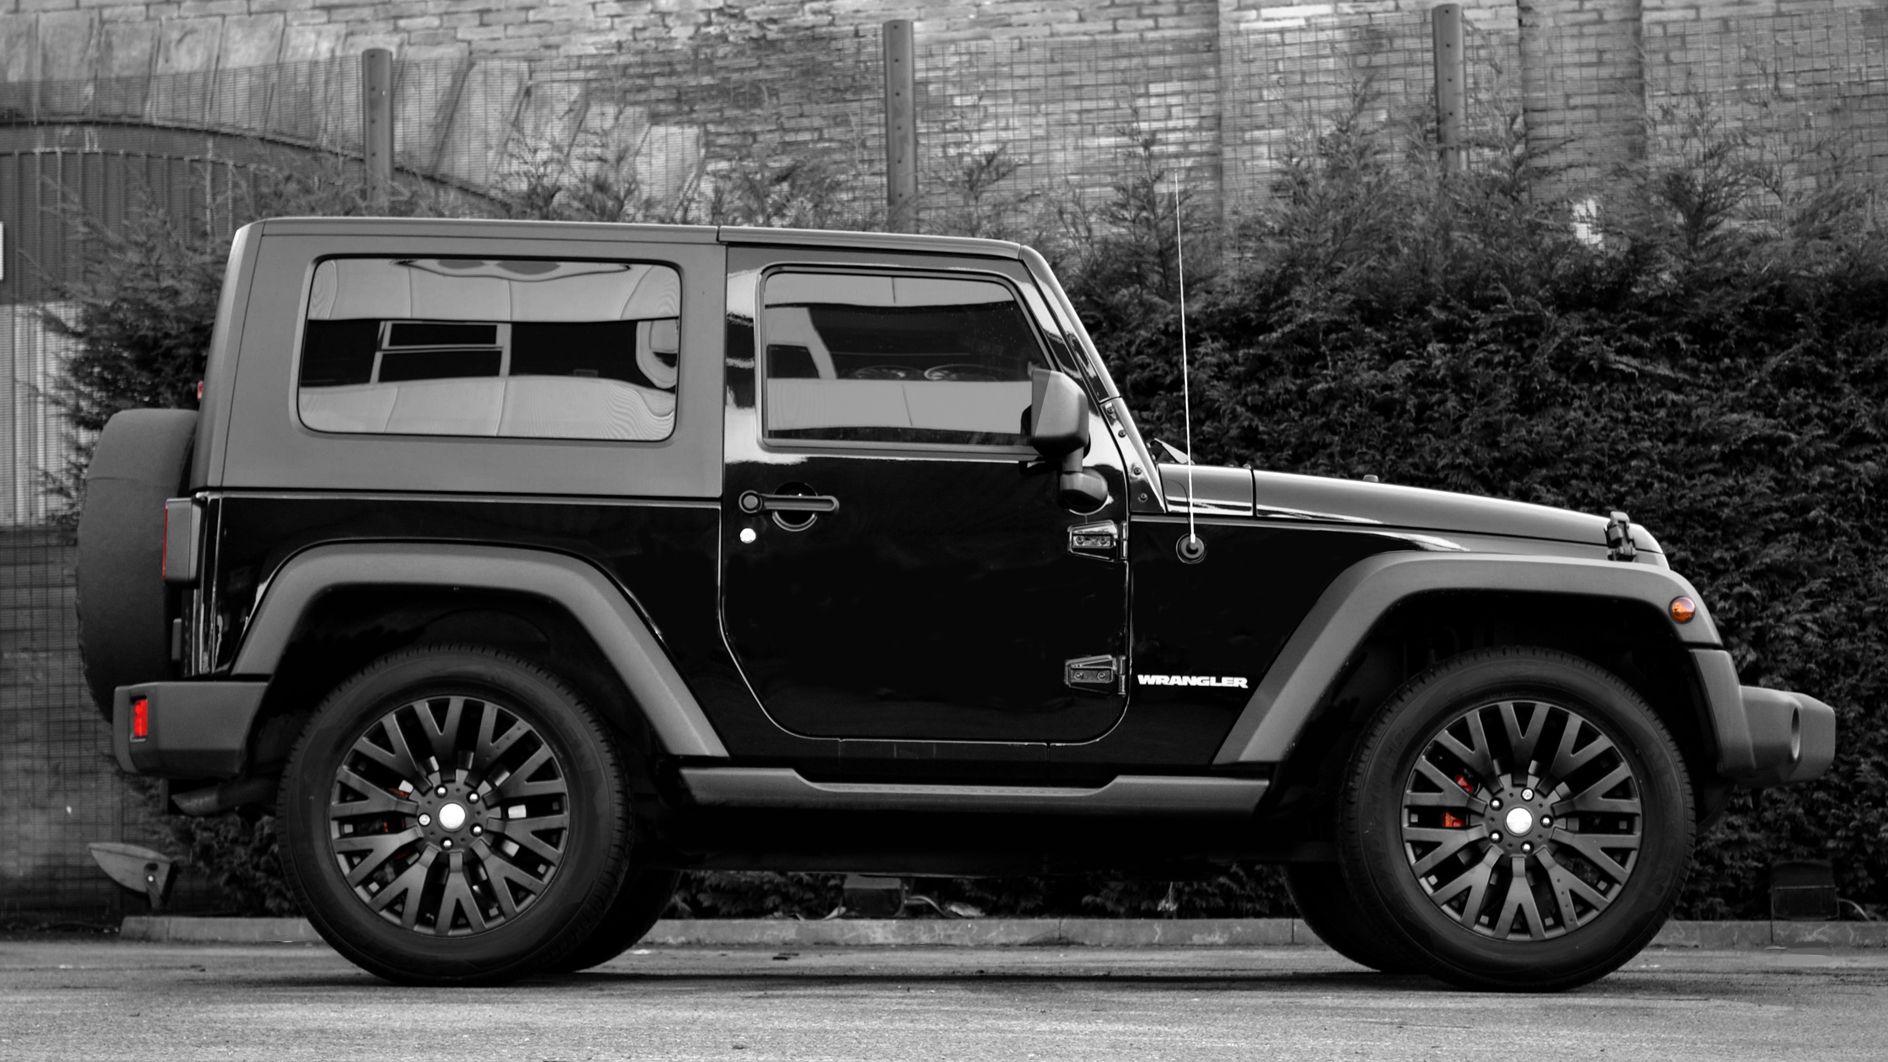 Black 2door Jeep Wrangler Two door jeep wrangler, Black